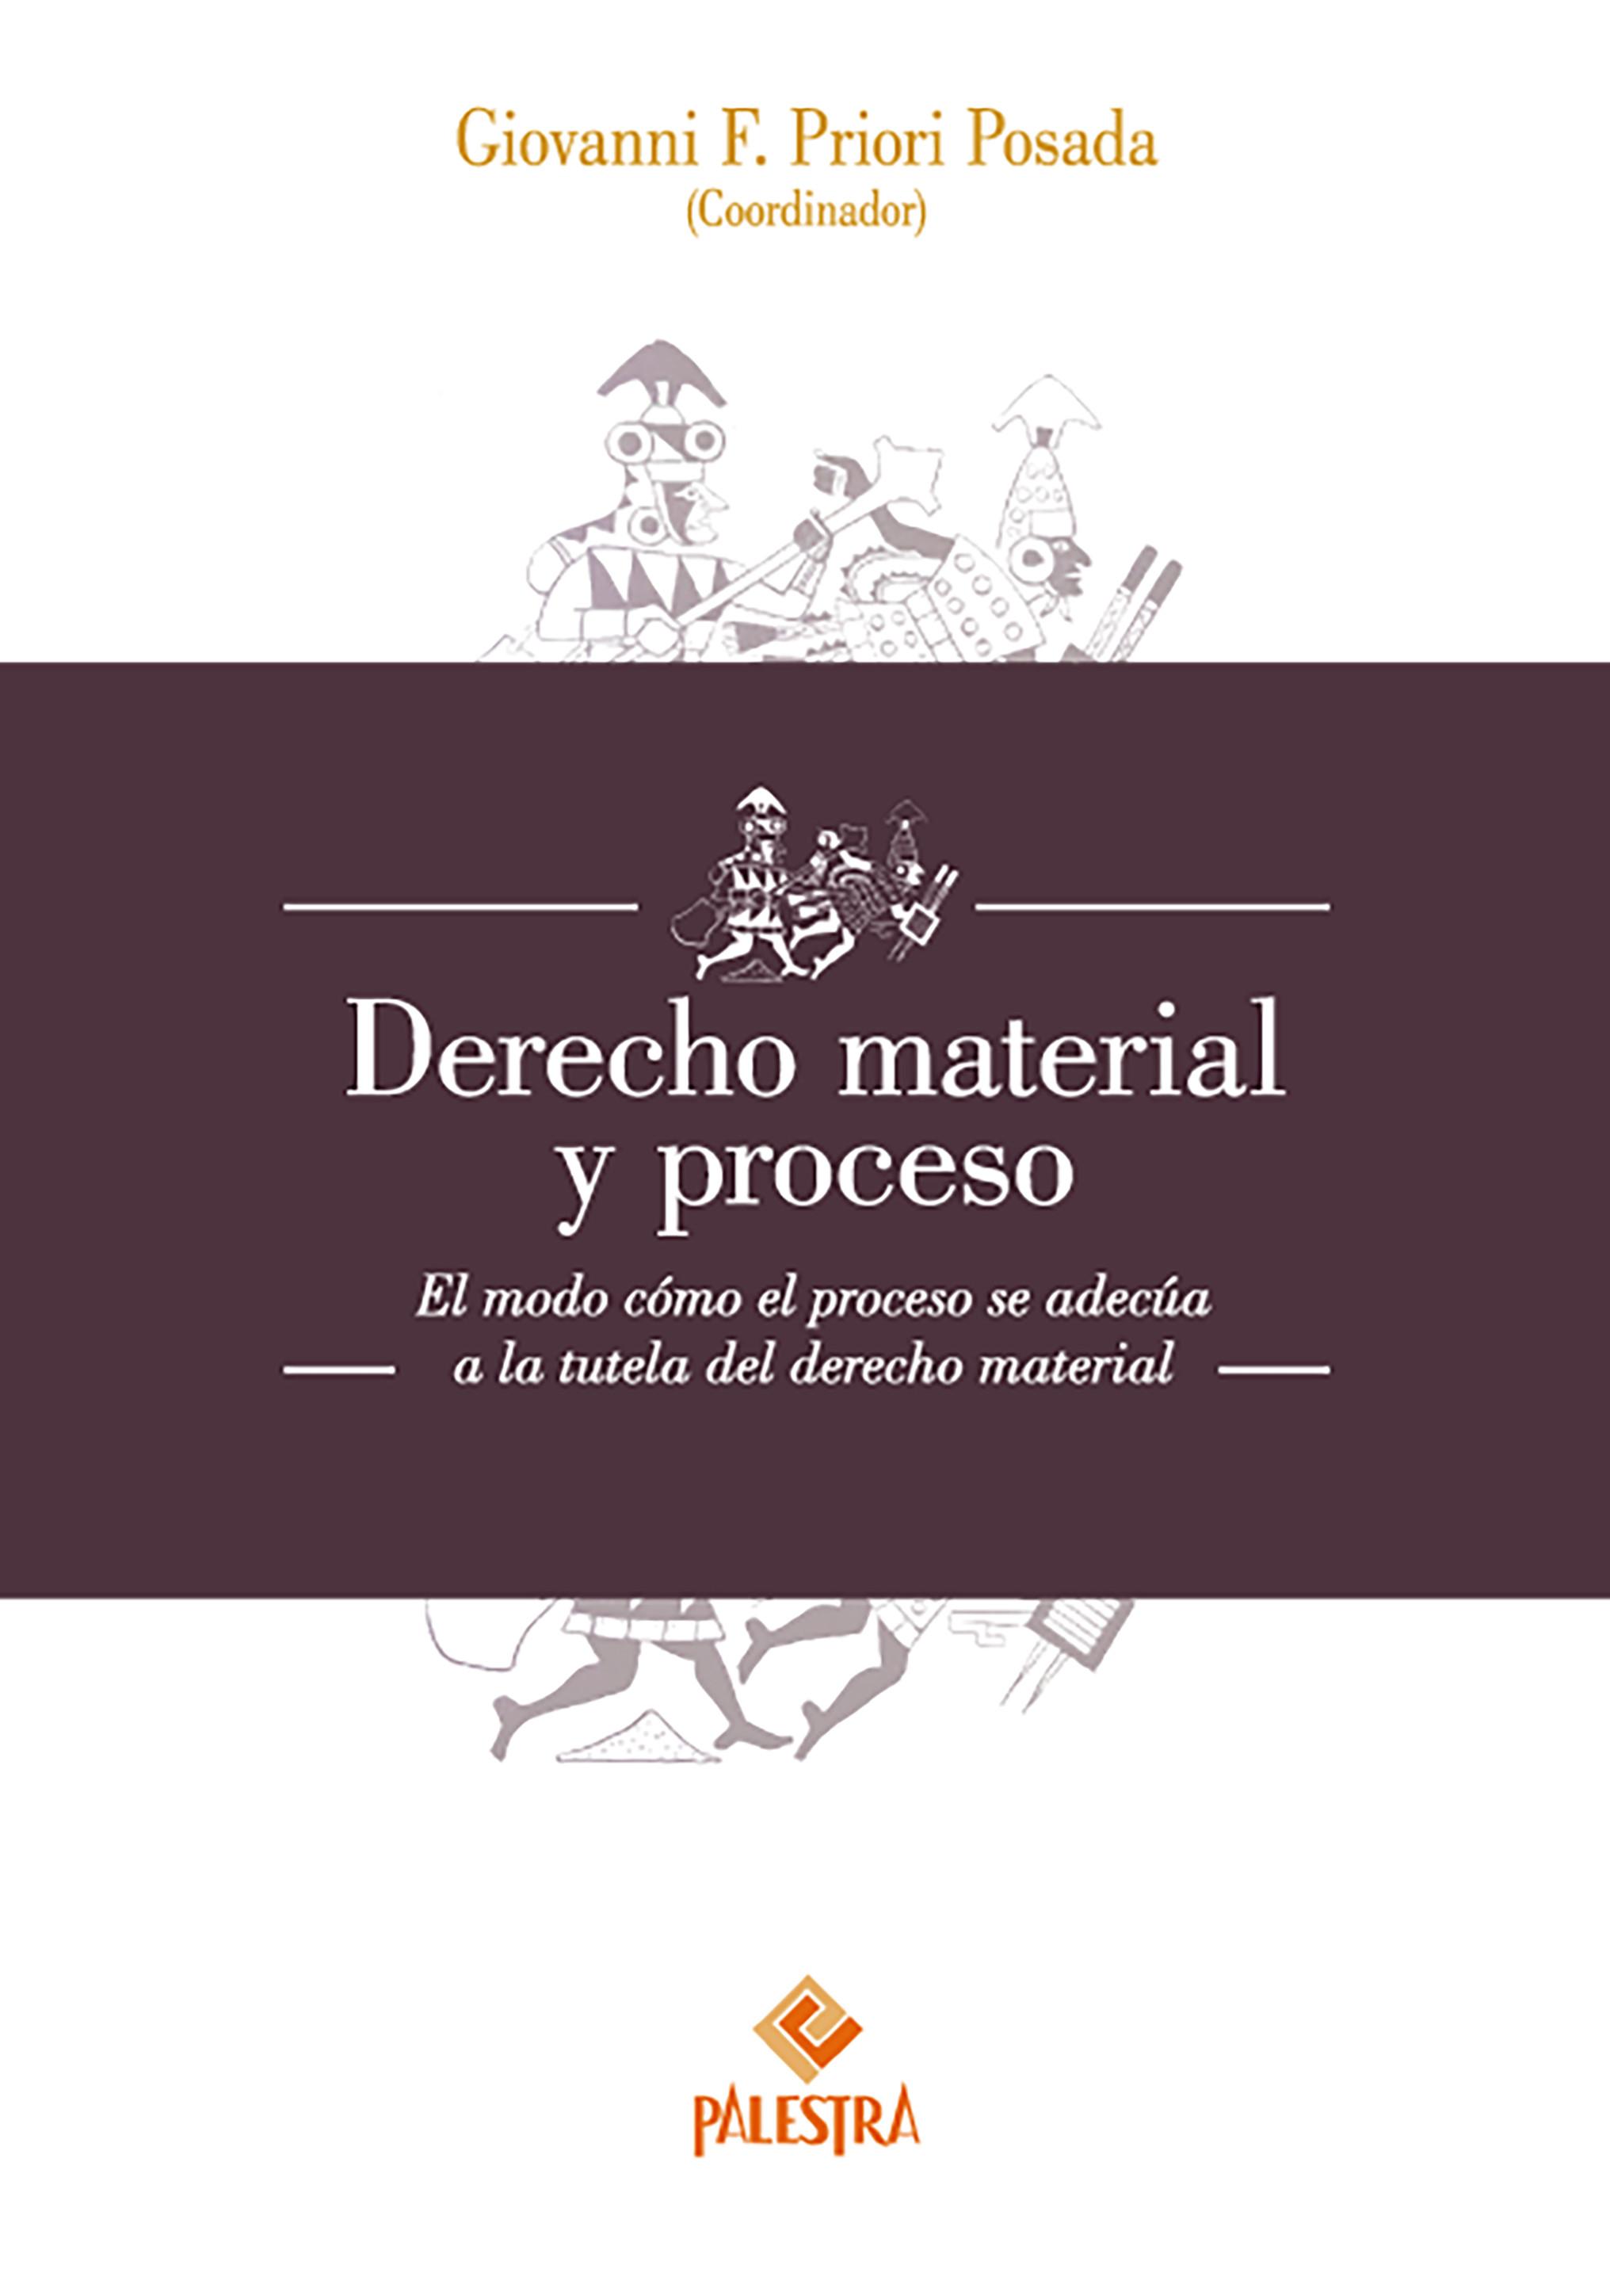 Derecho material y proceso